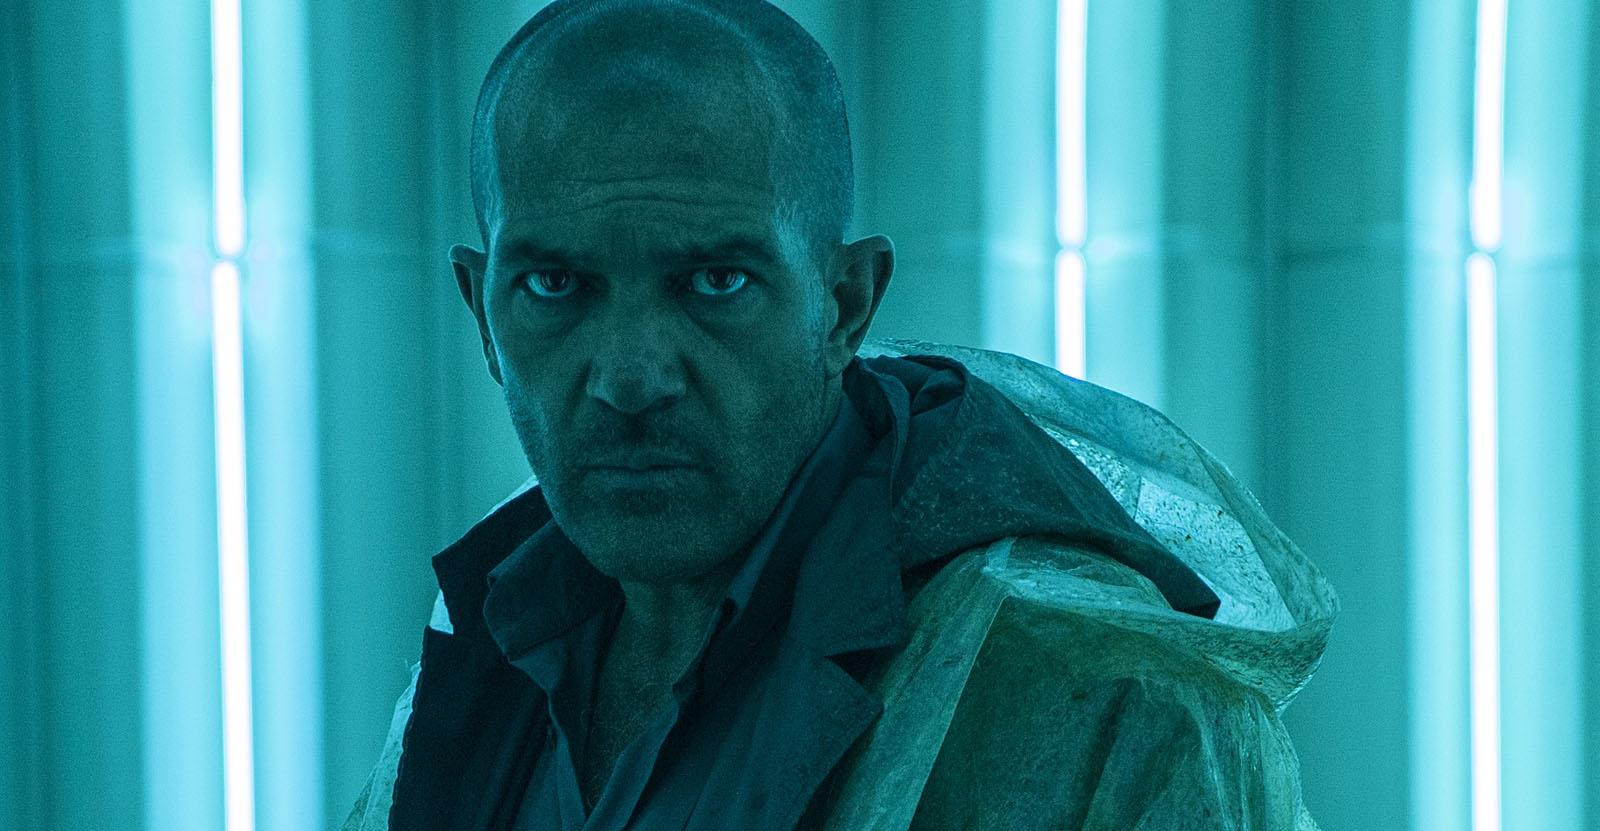 Antonio Banderas as Jacq Vaucan in Automata (2014)